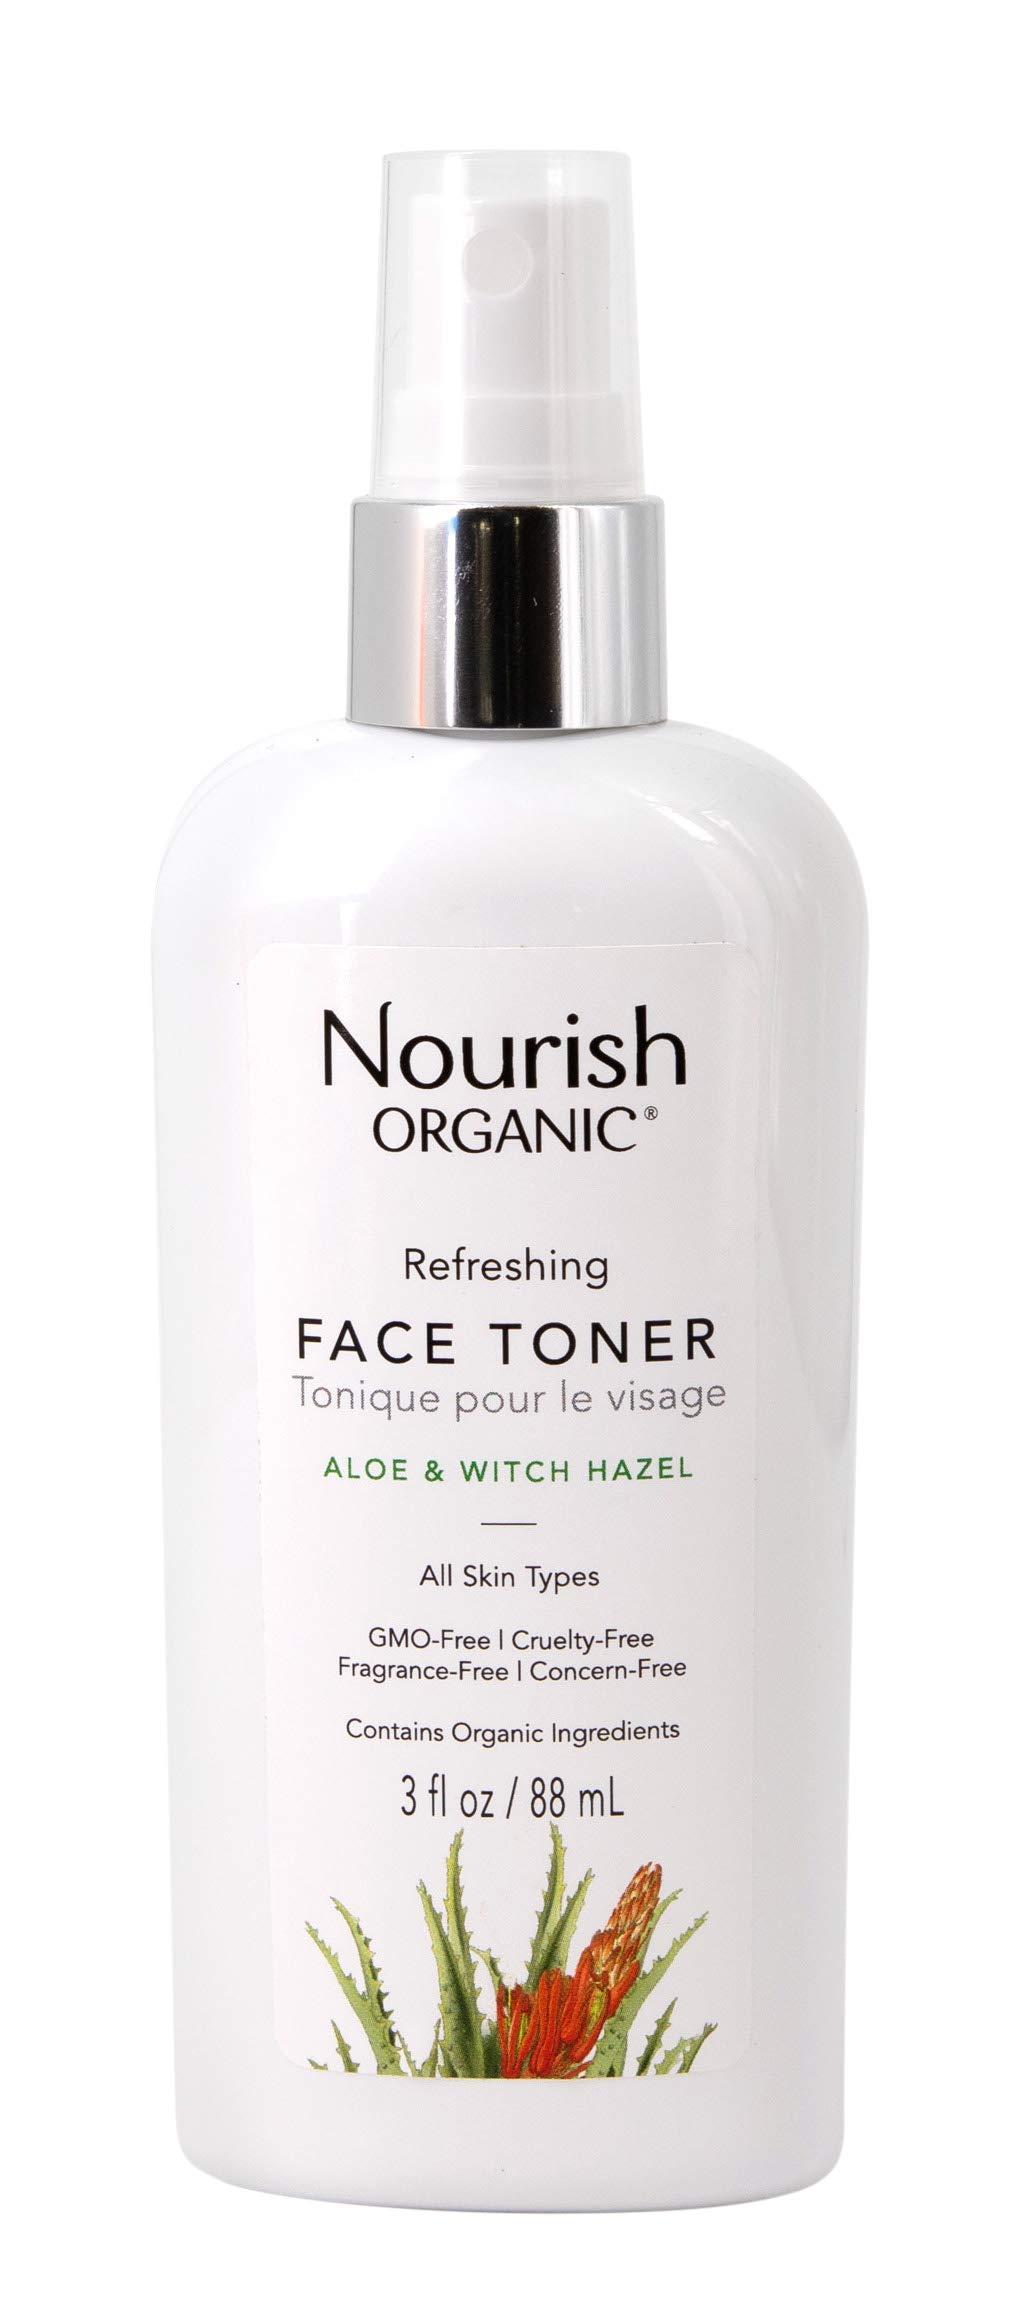 Nourish Organic Refreshing & Balancing Face